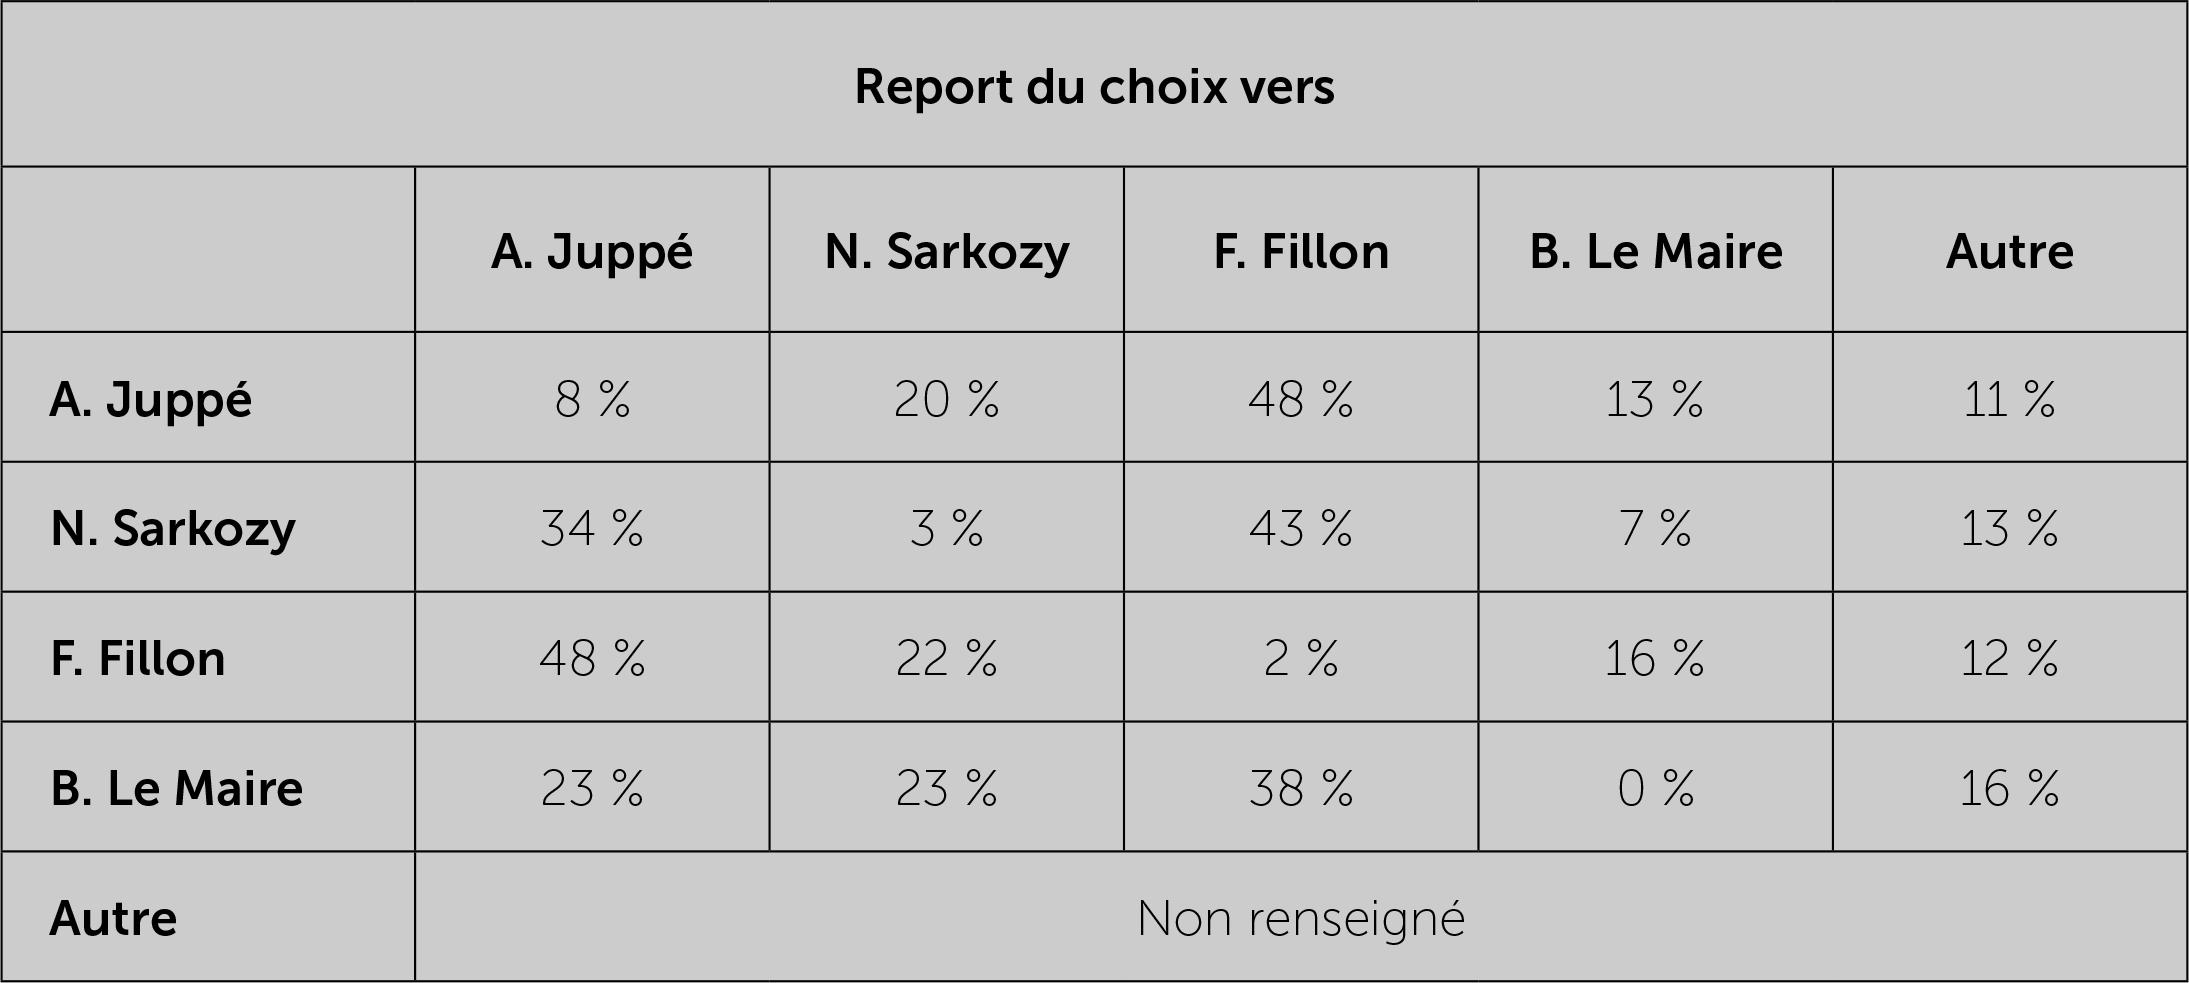 Comment les sondages influencent les électeurs